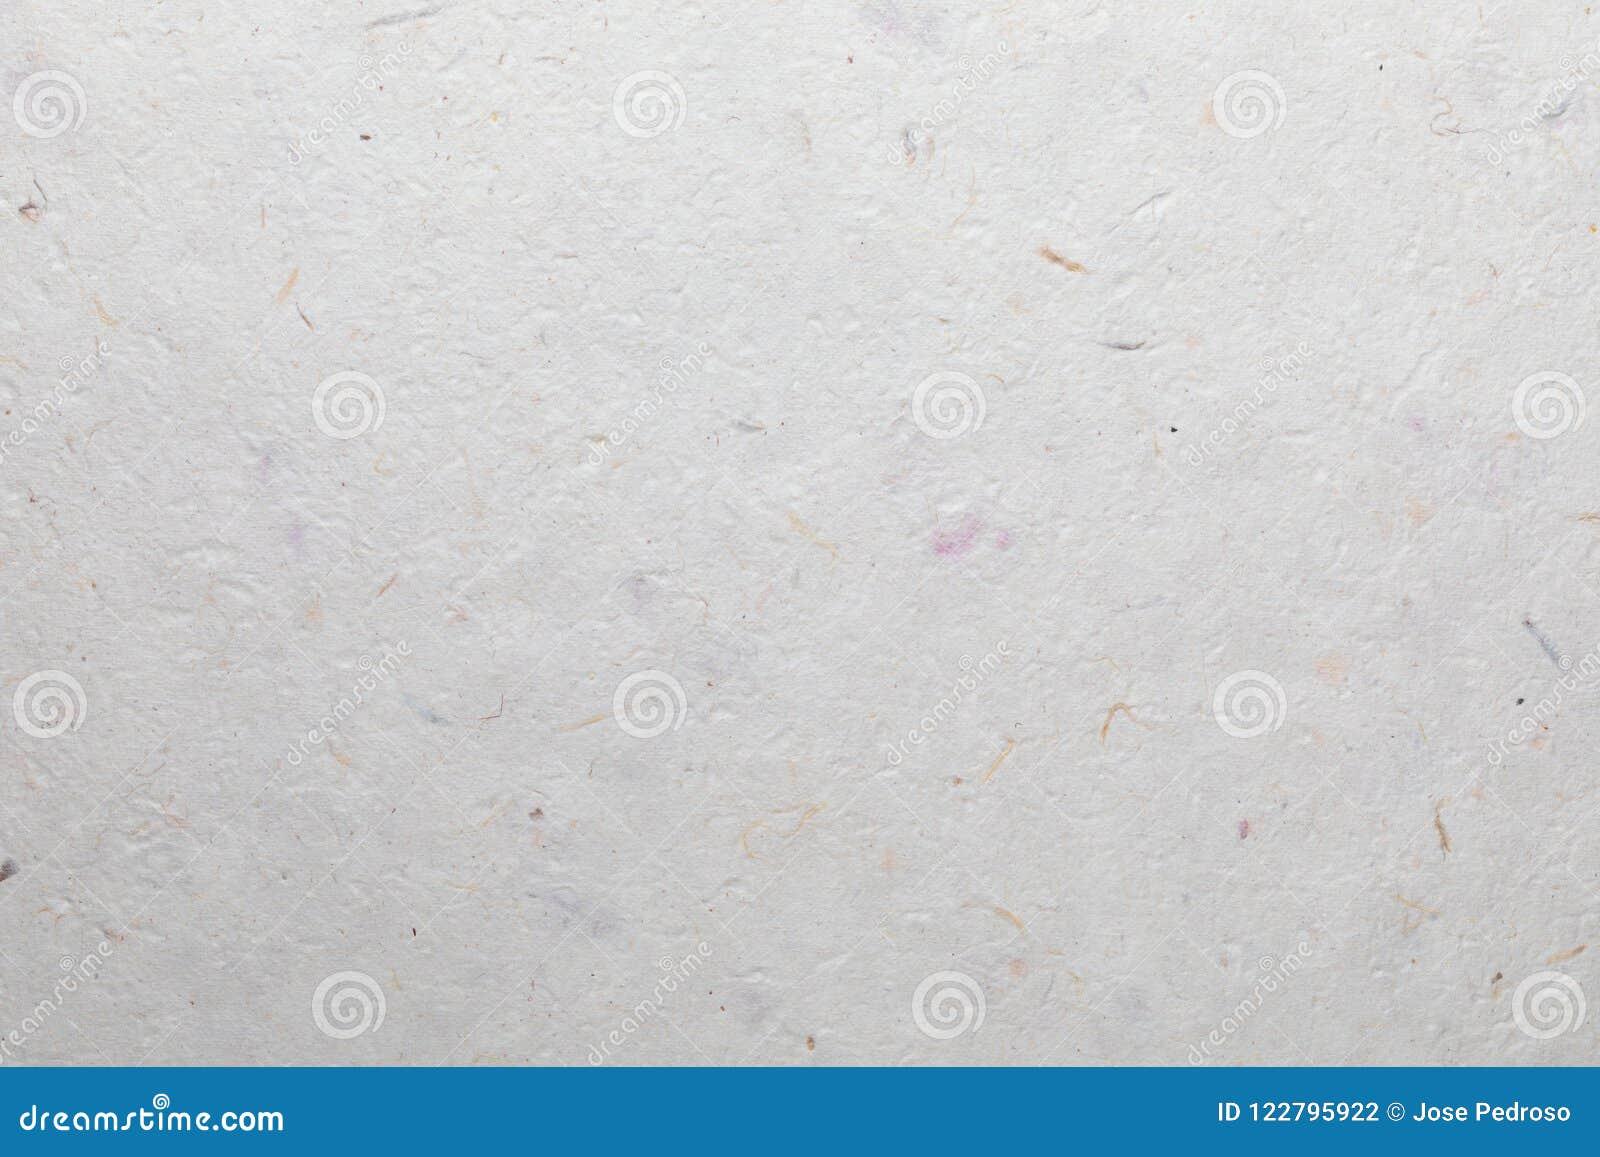 Texture de papier fait main avec les matériaux réutilisés